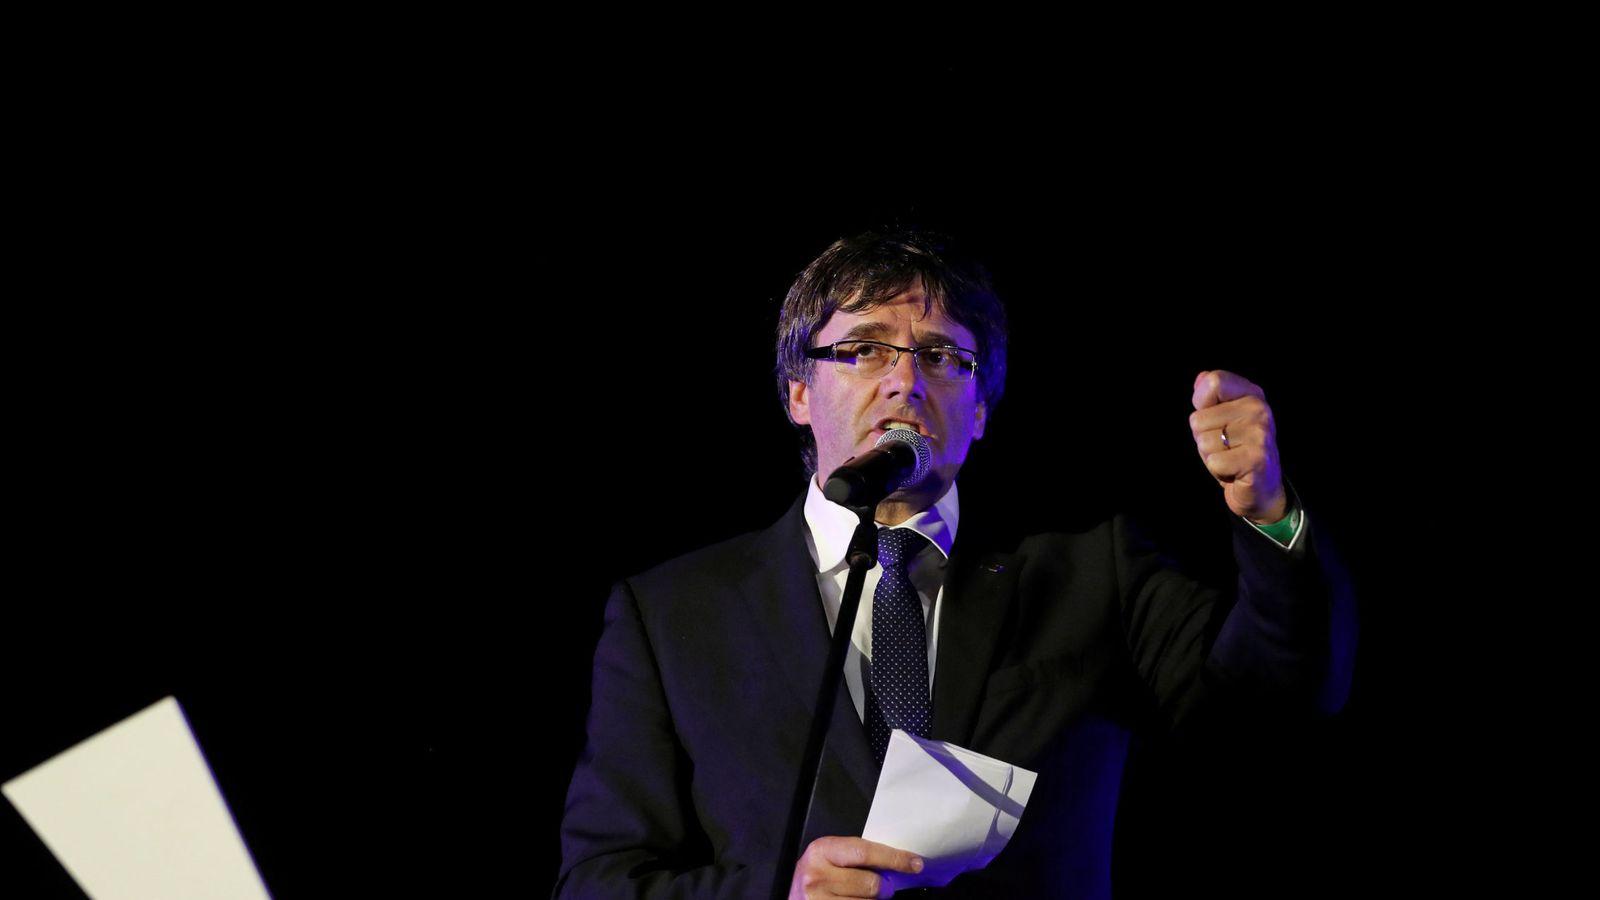 Foto: El presidente de la Generalitat de Cataluña, Carles Puigdemont, votará en Sant Julià de Ramis (Girona) (EFE)